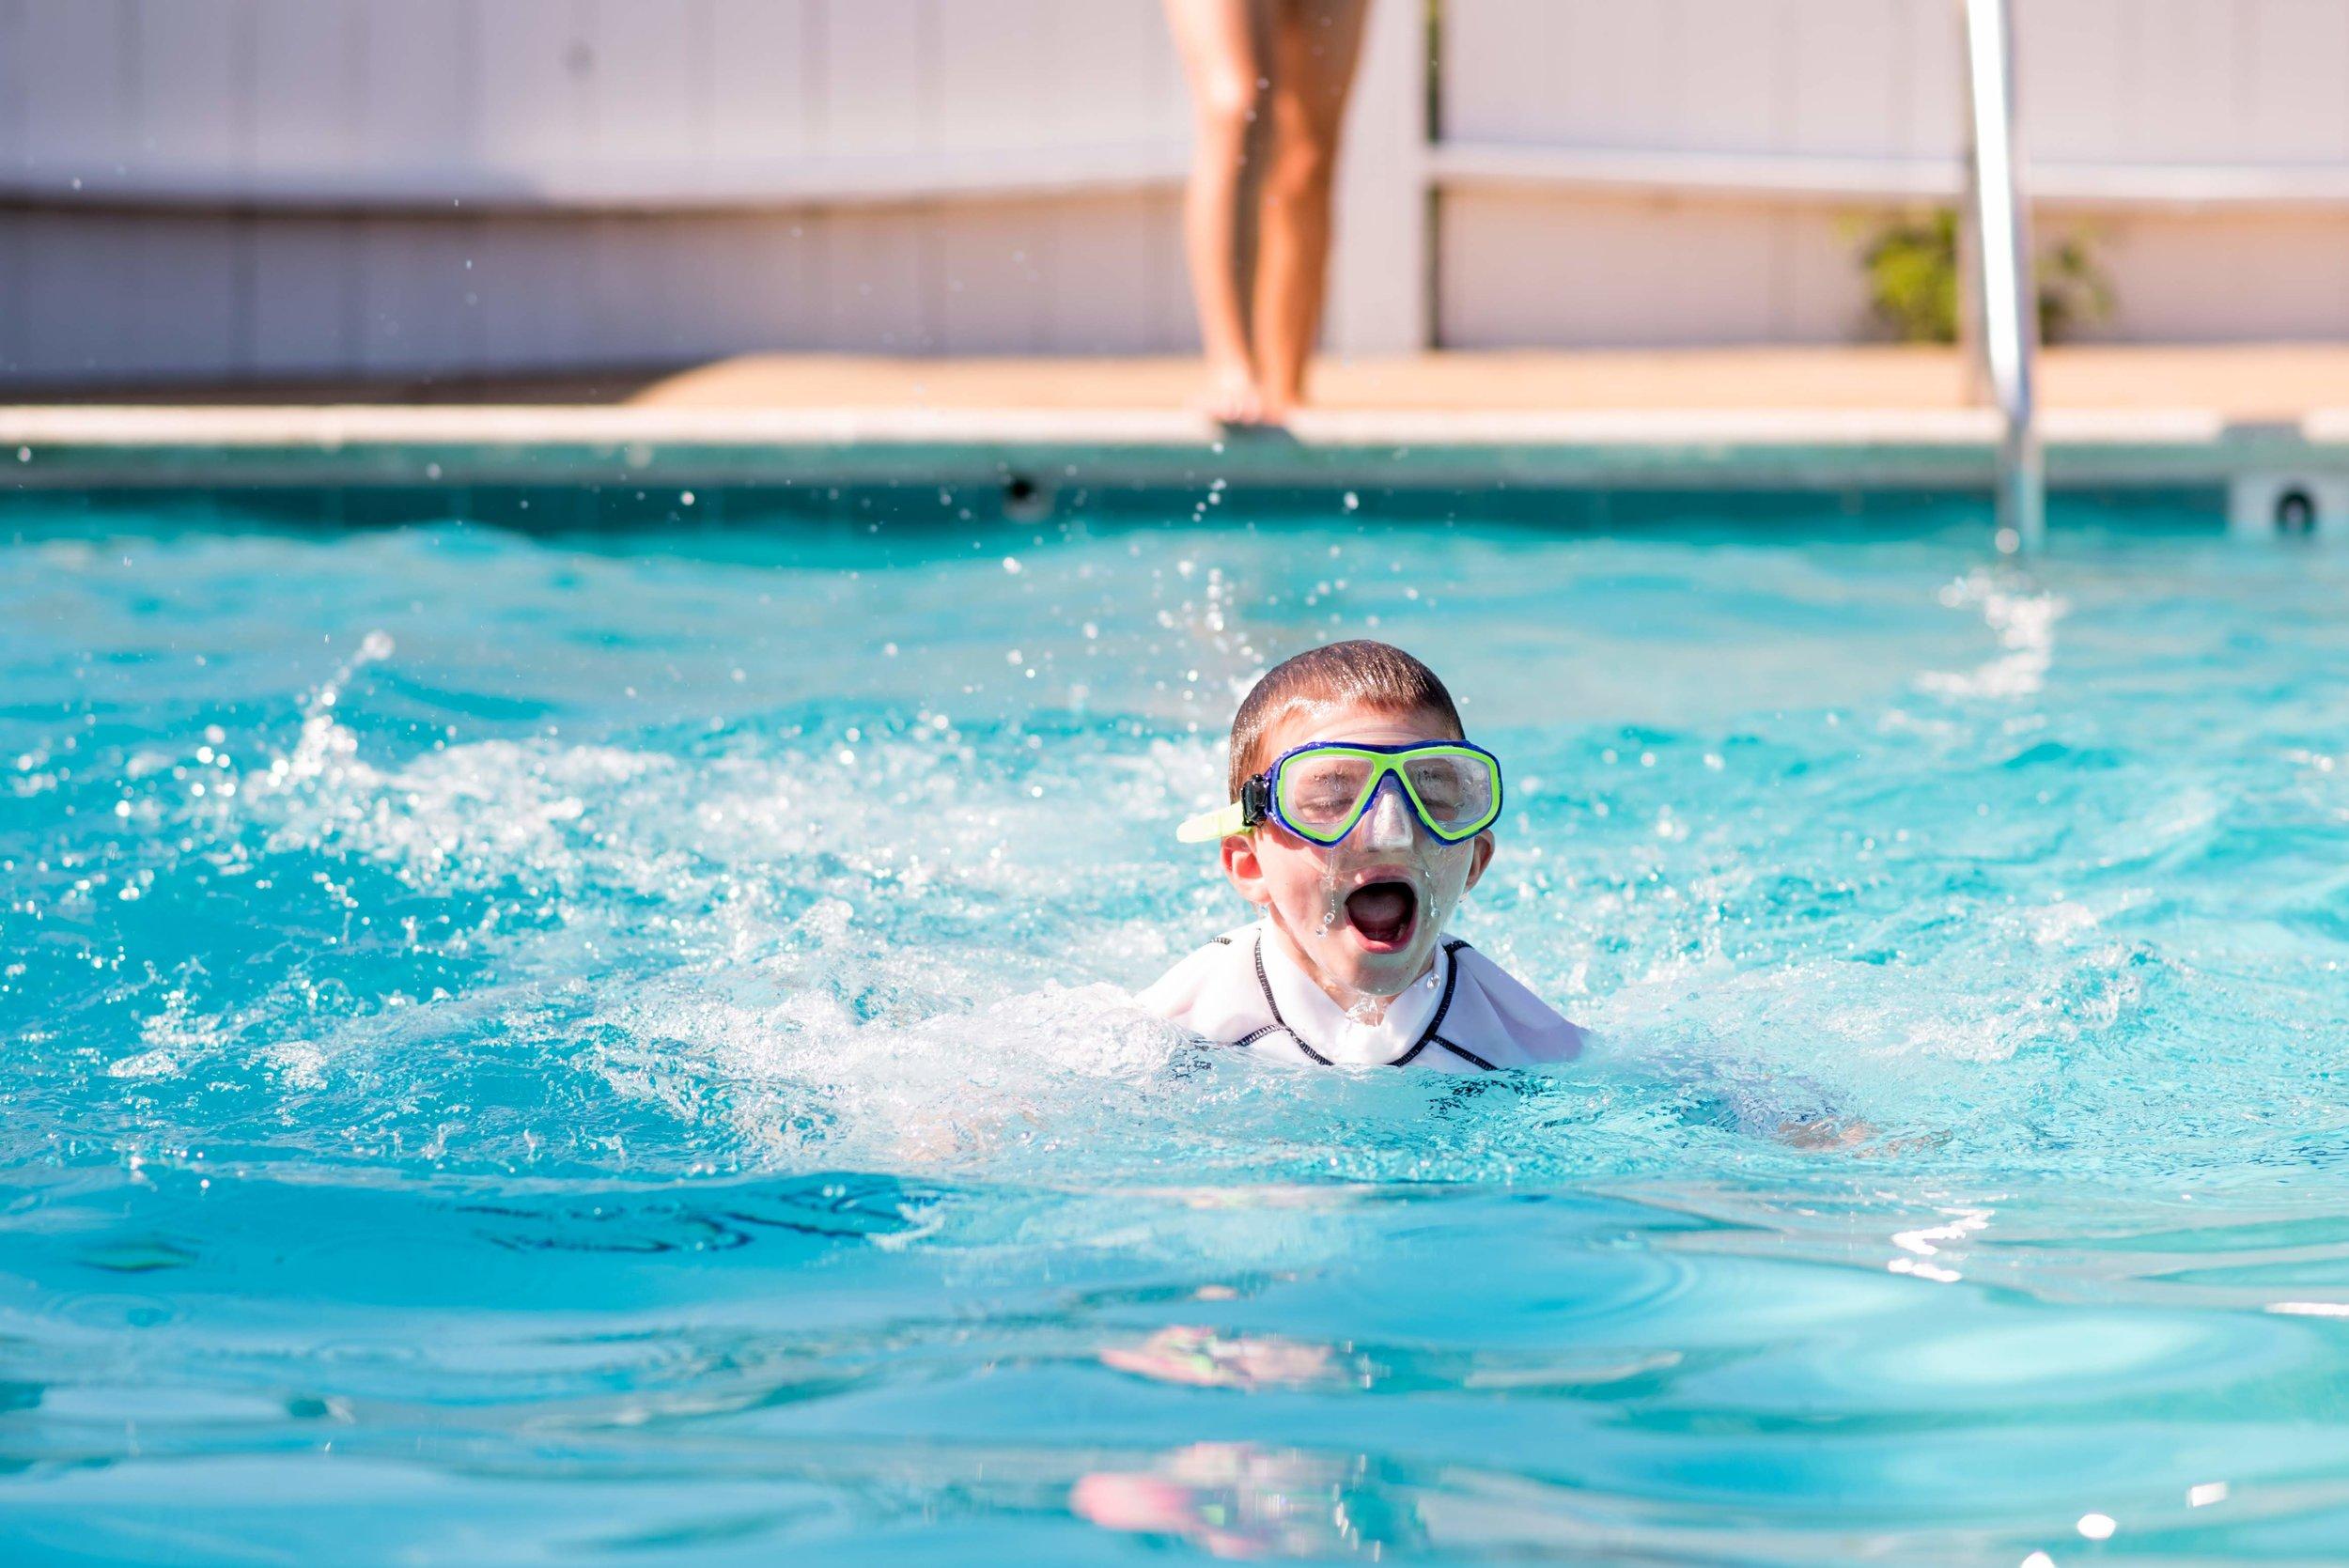 An Oakland camper swims across the pool in snorkeling gear.